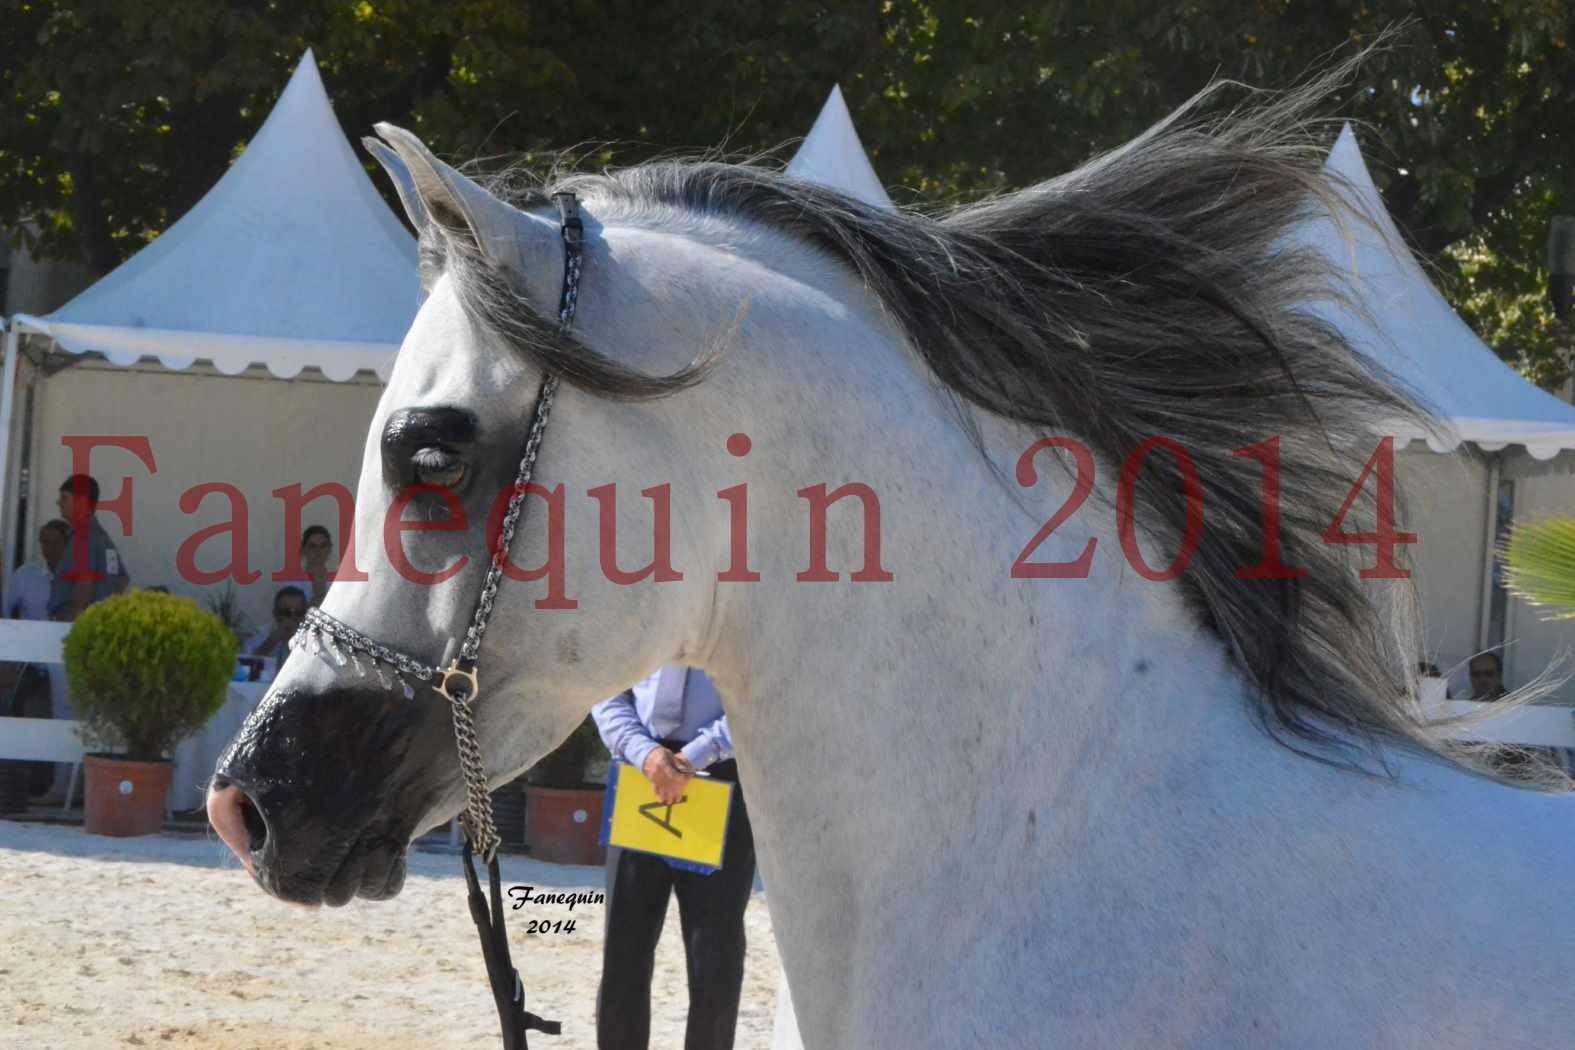 Concours National de Nîmes de chevaux ARABES 2014 - Notre Sélection - Portraits - SHAOLIN DE NEDJAIA - 16